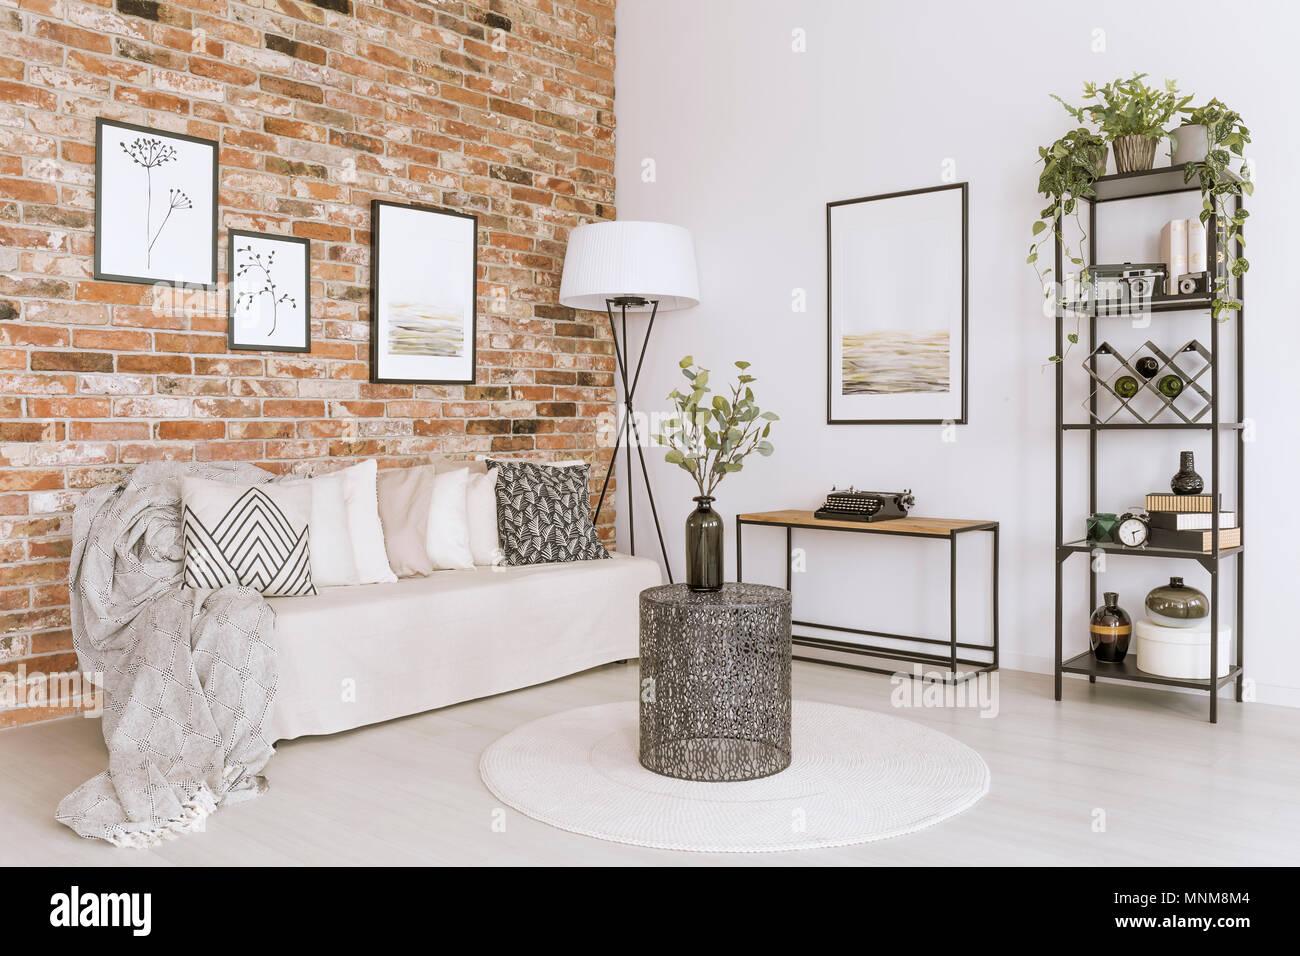 Designer Tisch Mit Vase Auf Weisse Runde Teppich Vor Der Weissen Sofa